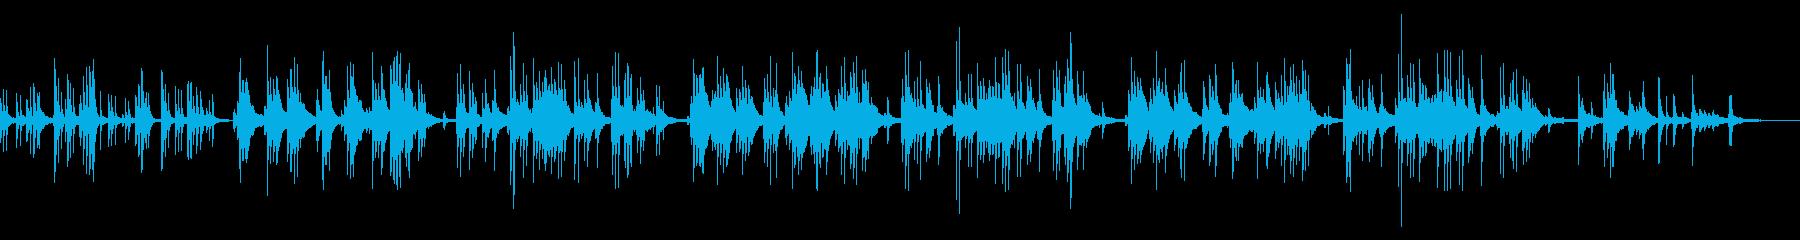 ジングルベル ピアノアレンジの再生済みの波形